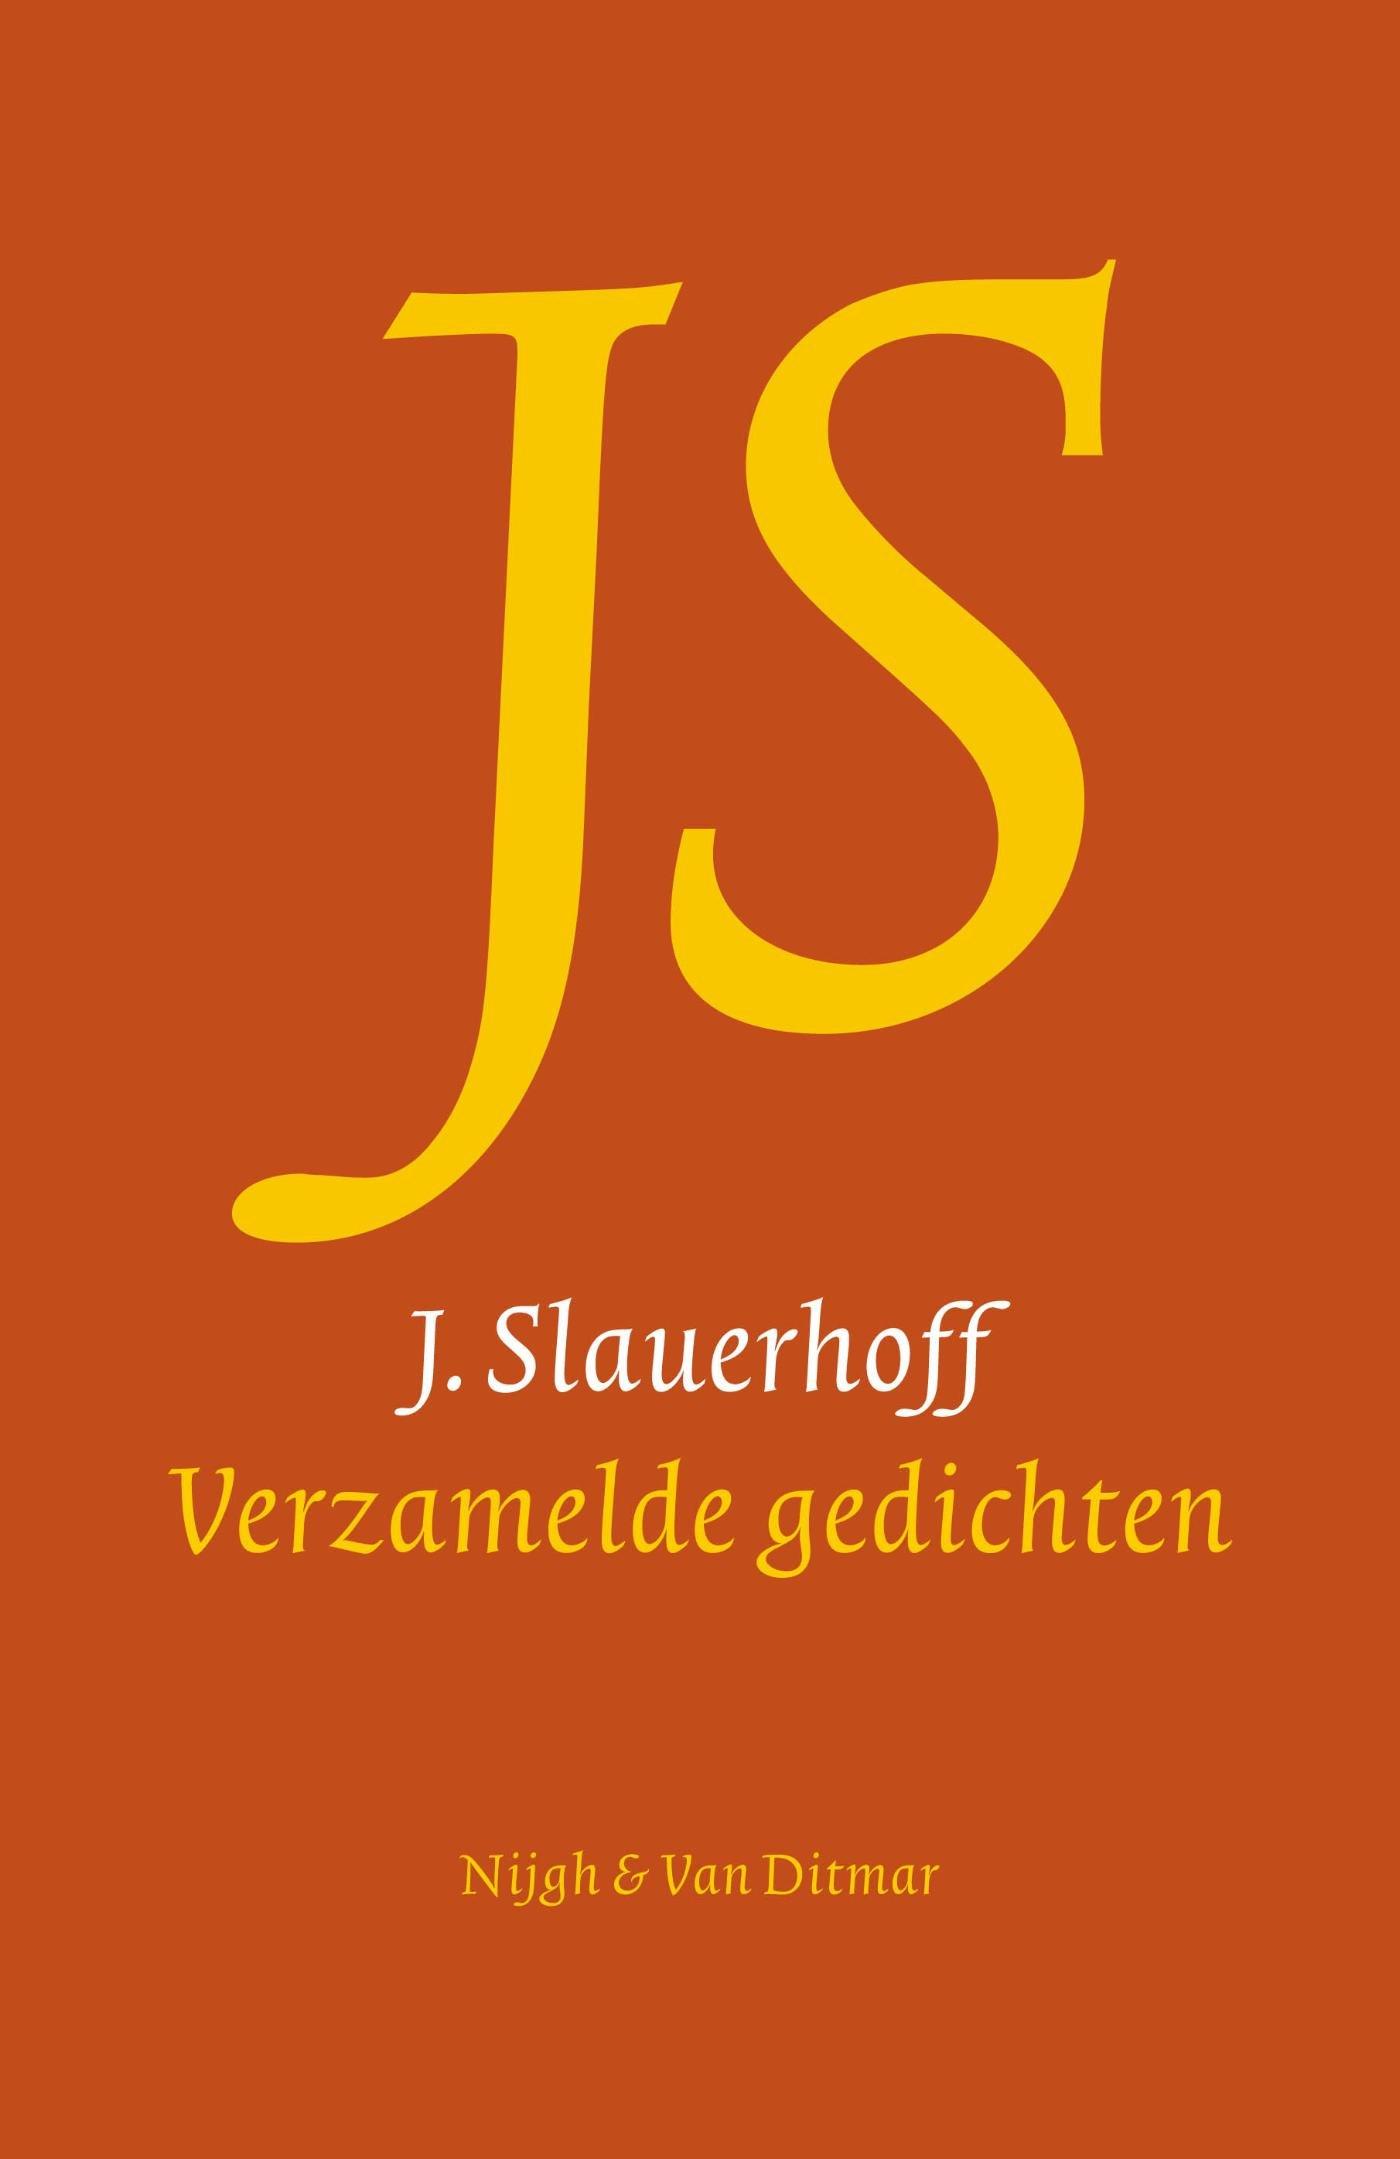 Verzamelde Gedichten J Slauerhoff 9789038804002 Amazon